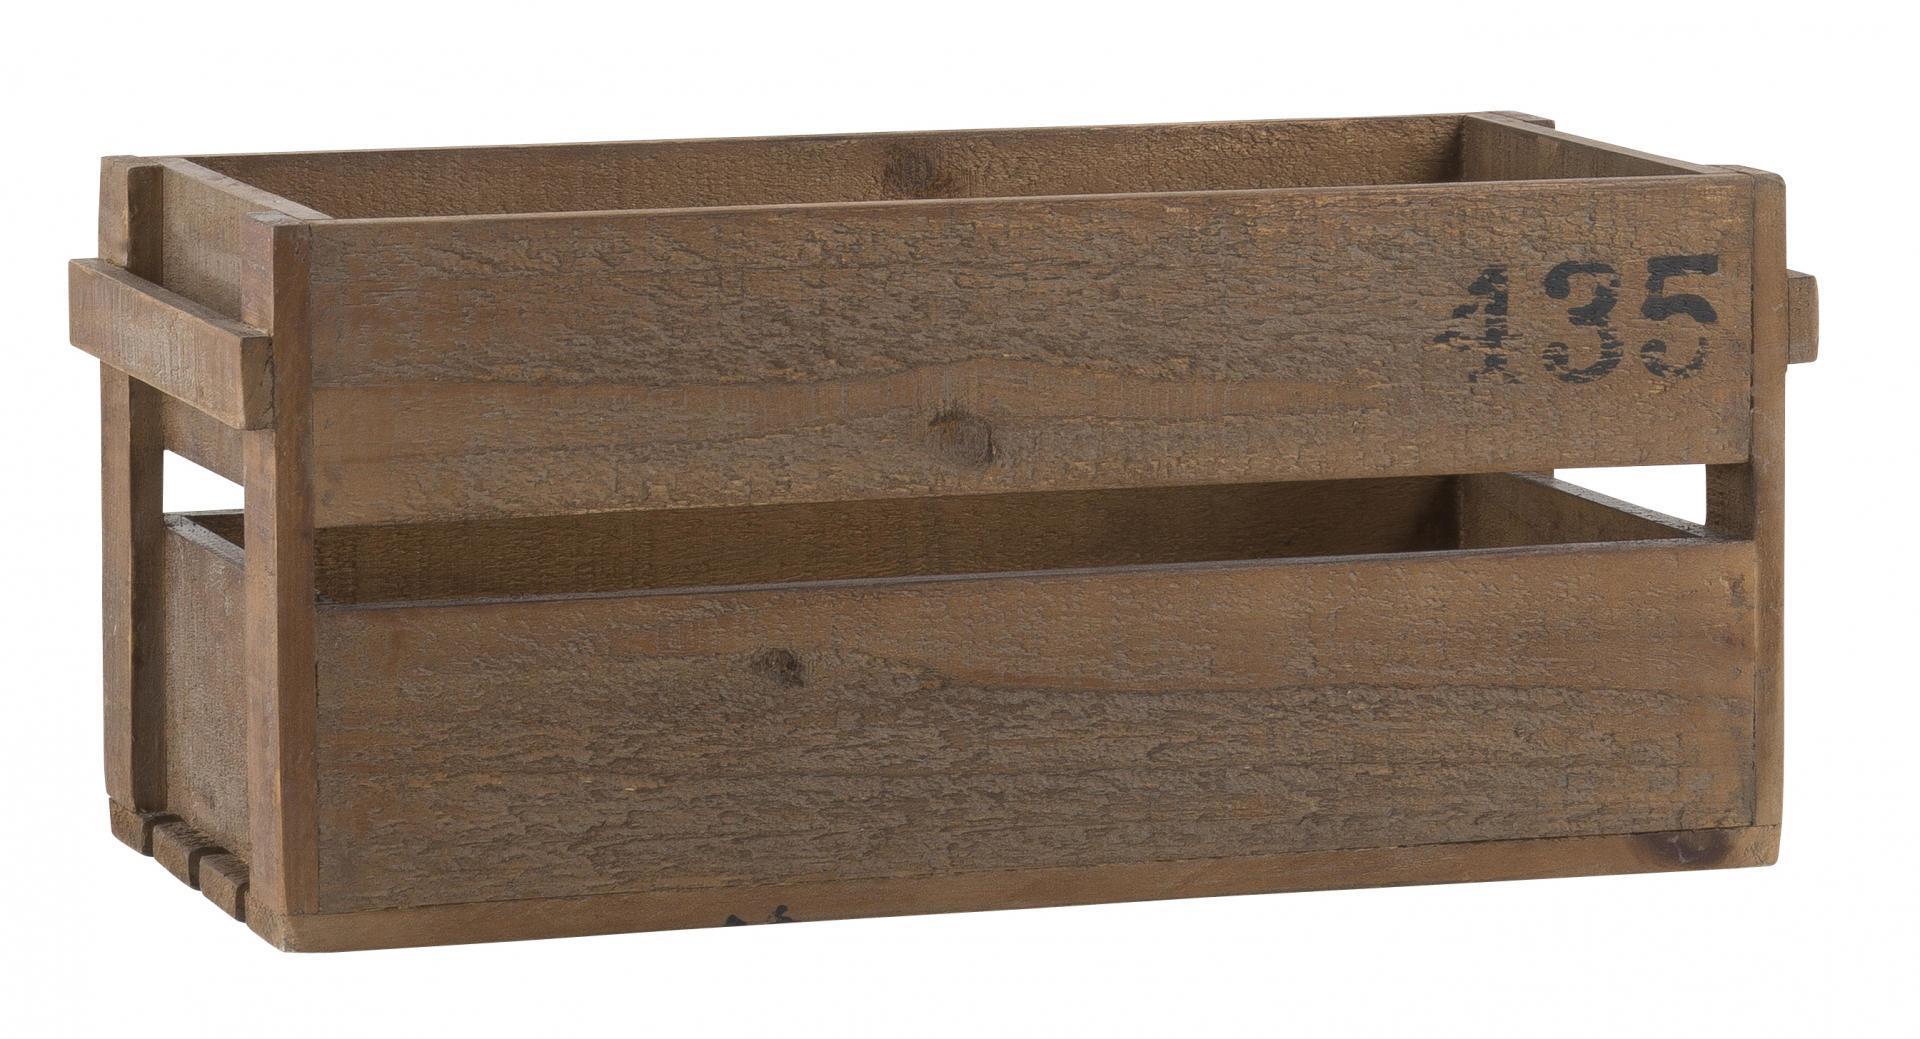 IB LAURSEN Dřevěná bedýnka 435